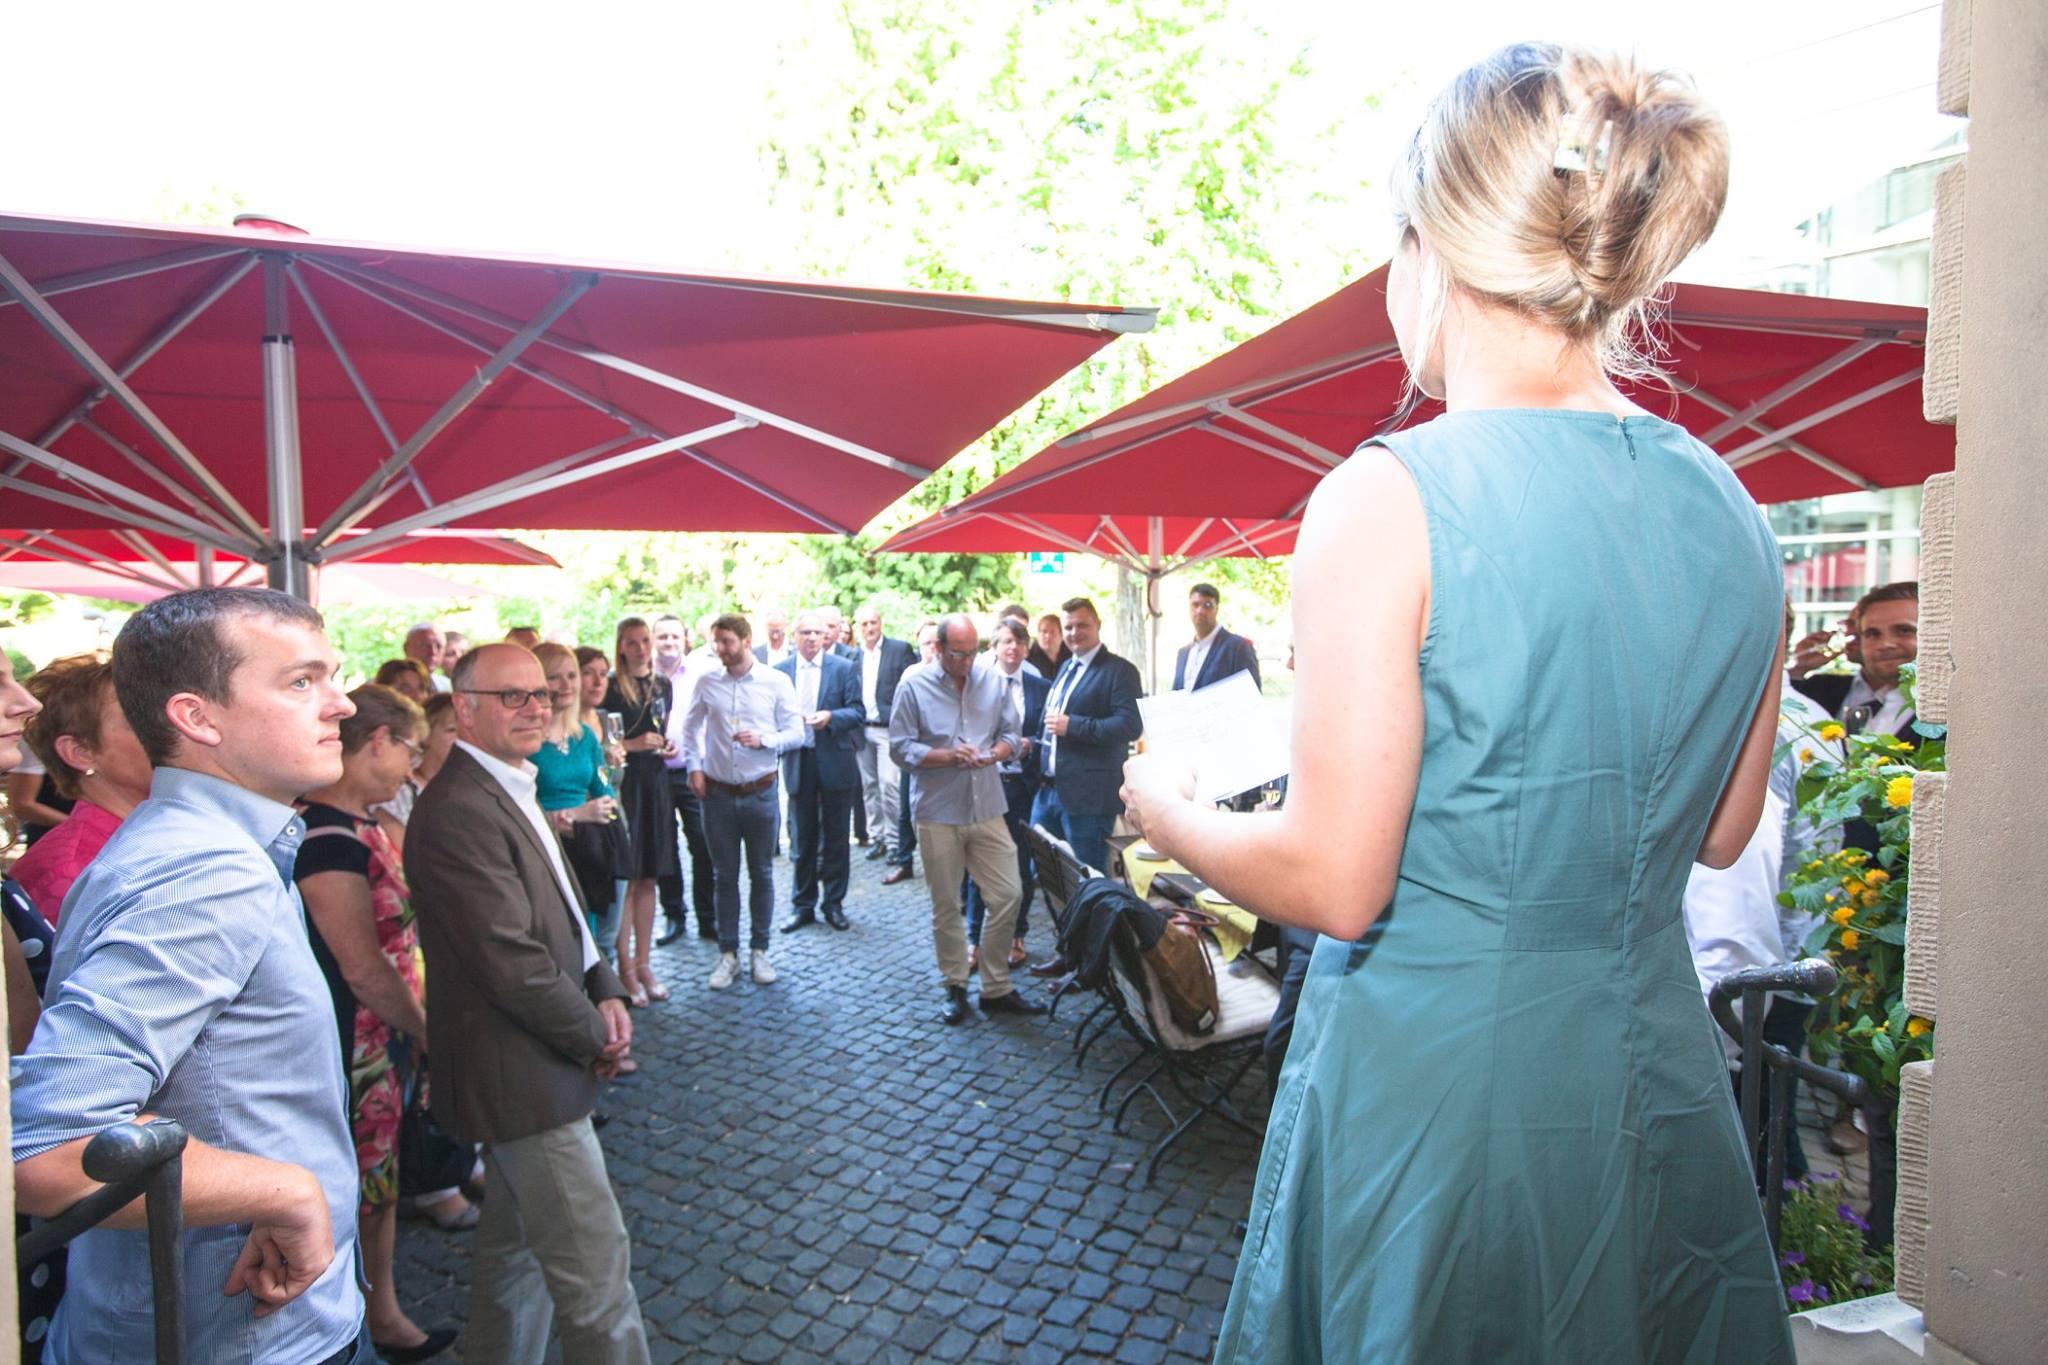 Man sieht die Württemberger Weinkönigin Carolin Klöckner bei Ihrem Vortrag über den Trollinger, bei der Siegerehrung des Trollinger Wettbewerbes 2018.